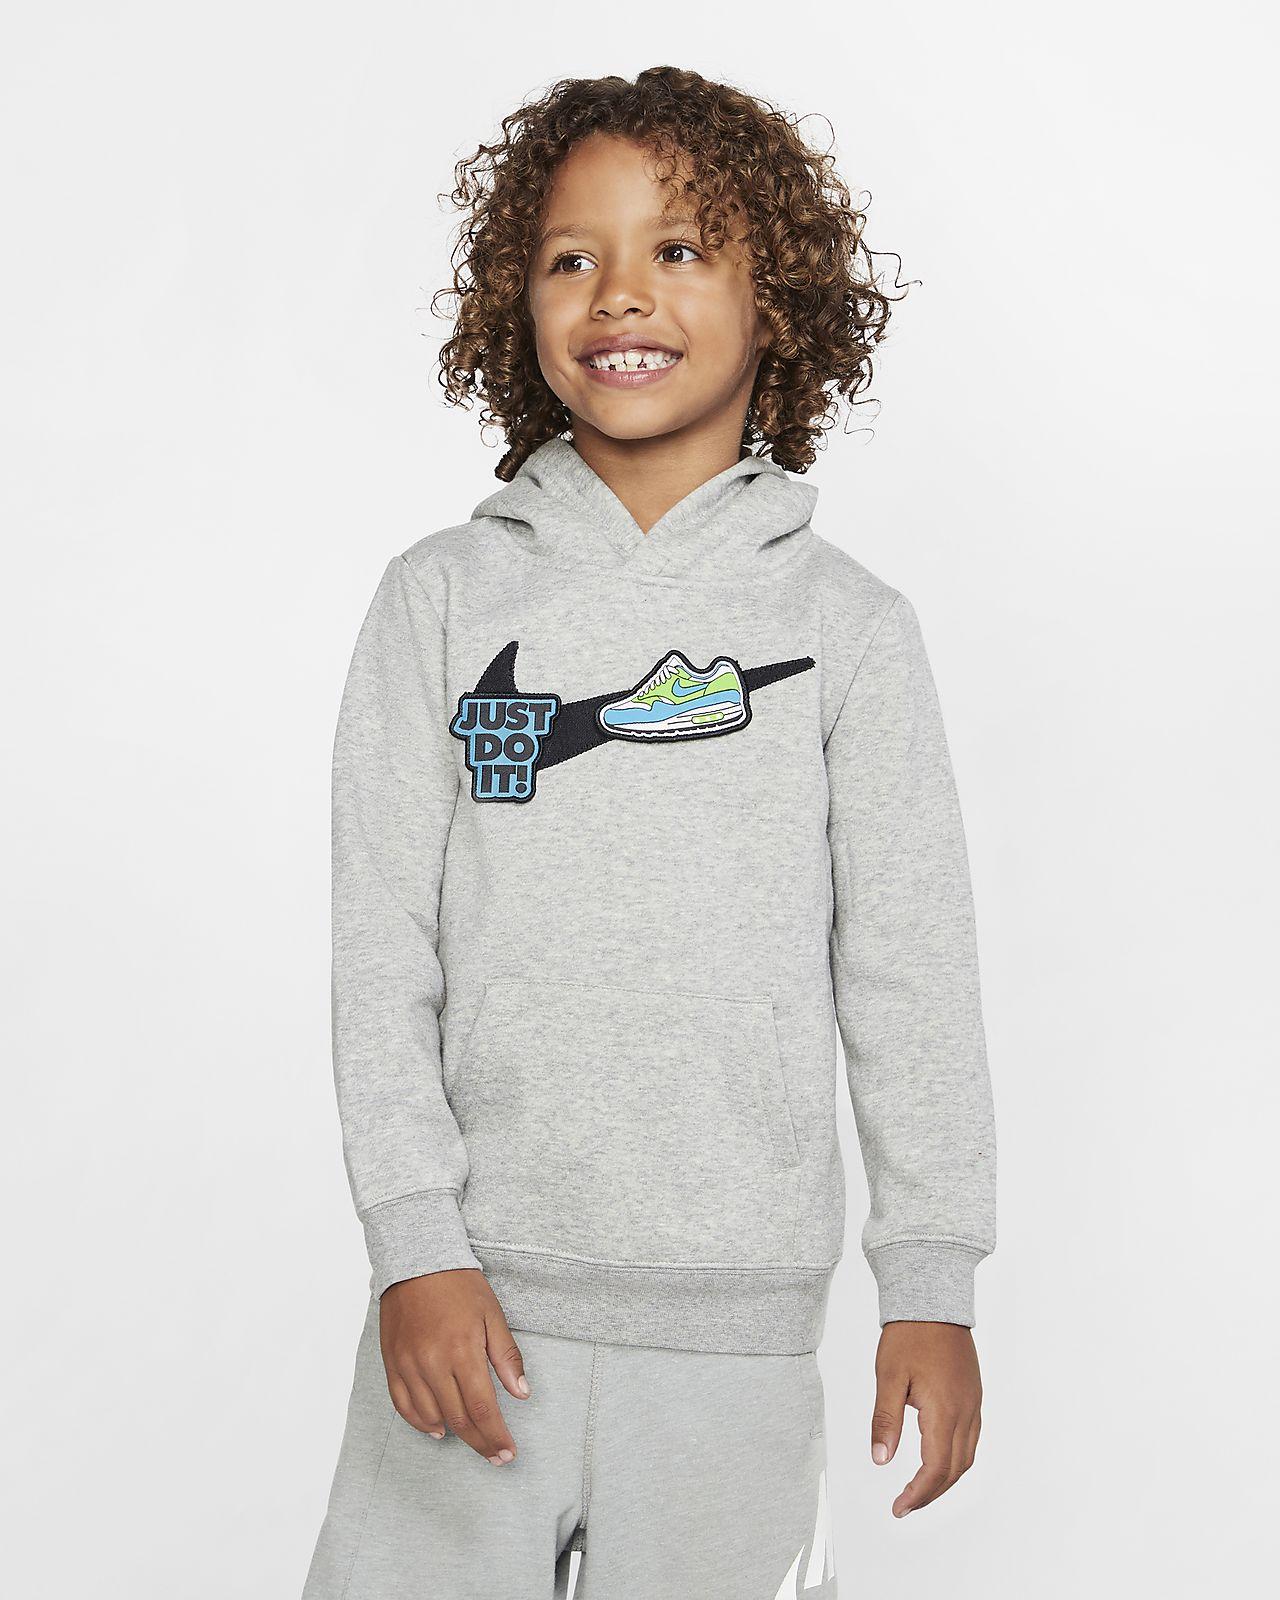 Nike JDI 幼童套头连帽衫